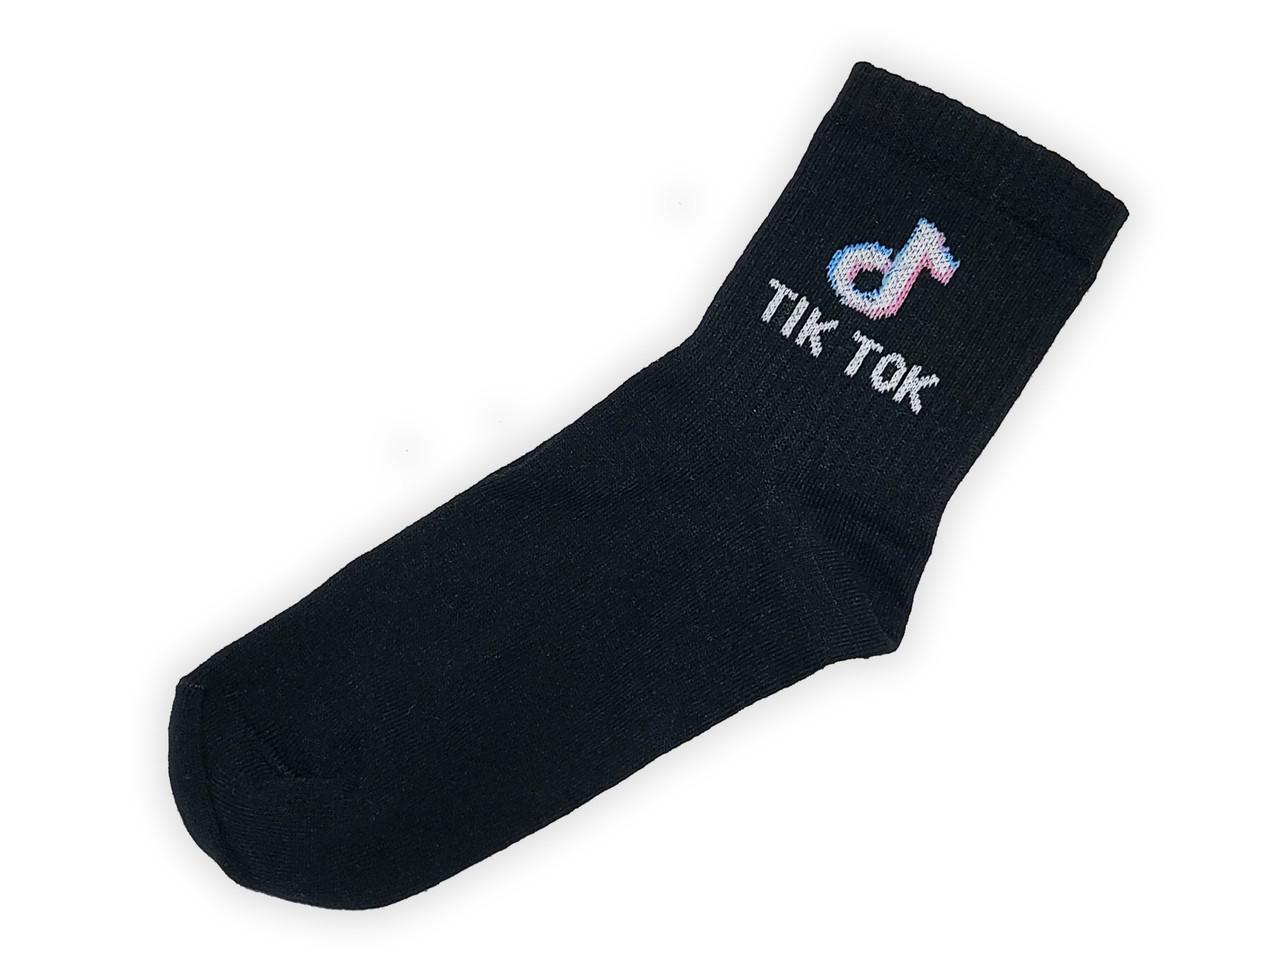 Носки Rock'n'socks Tik Tok чёрные